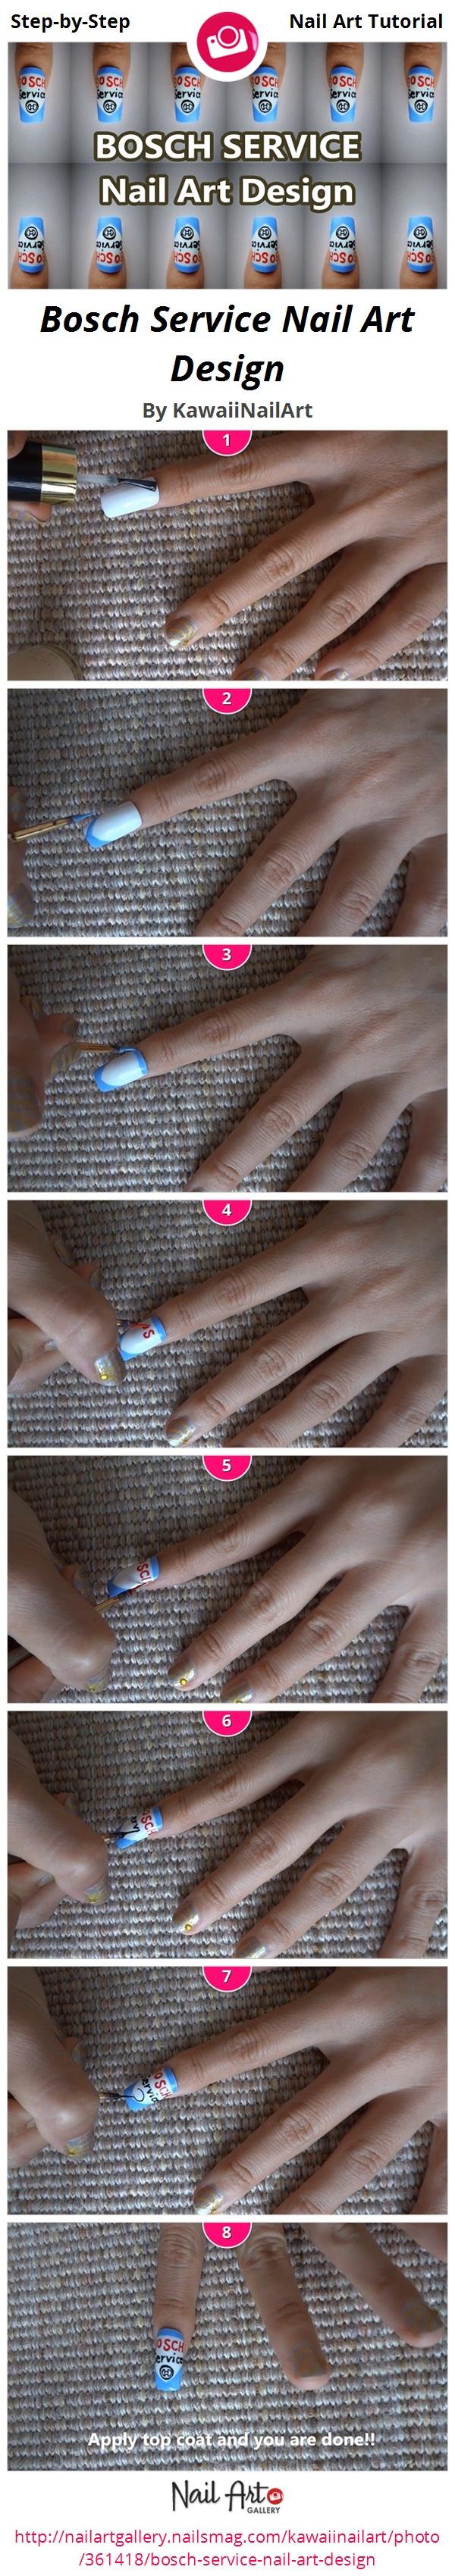 Bosch Service Nail Art Design  - Nail Art Gallery